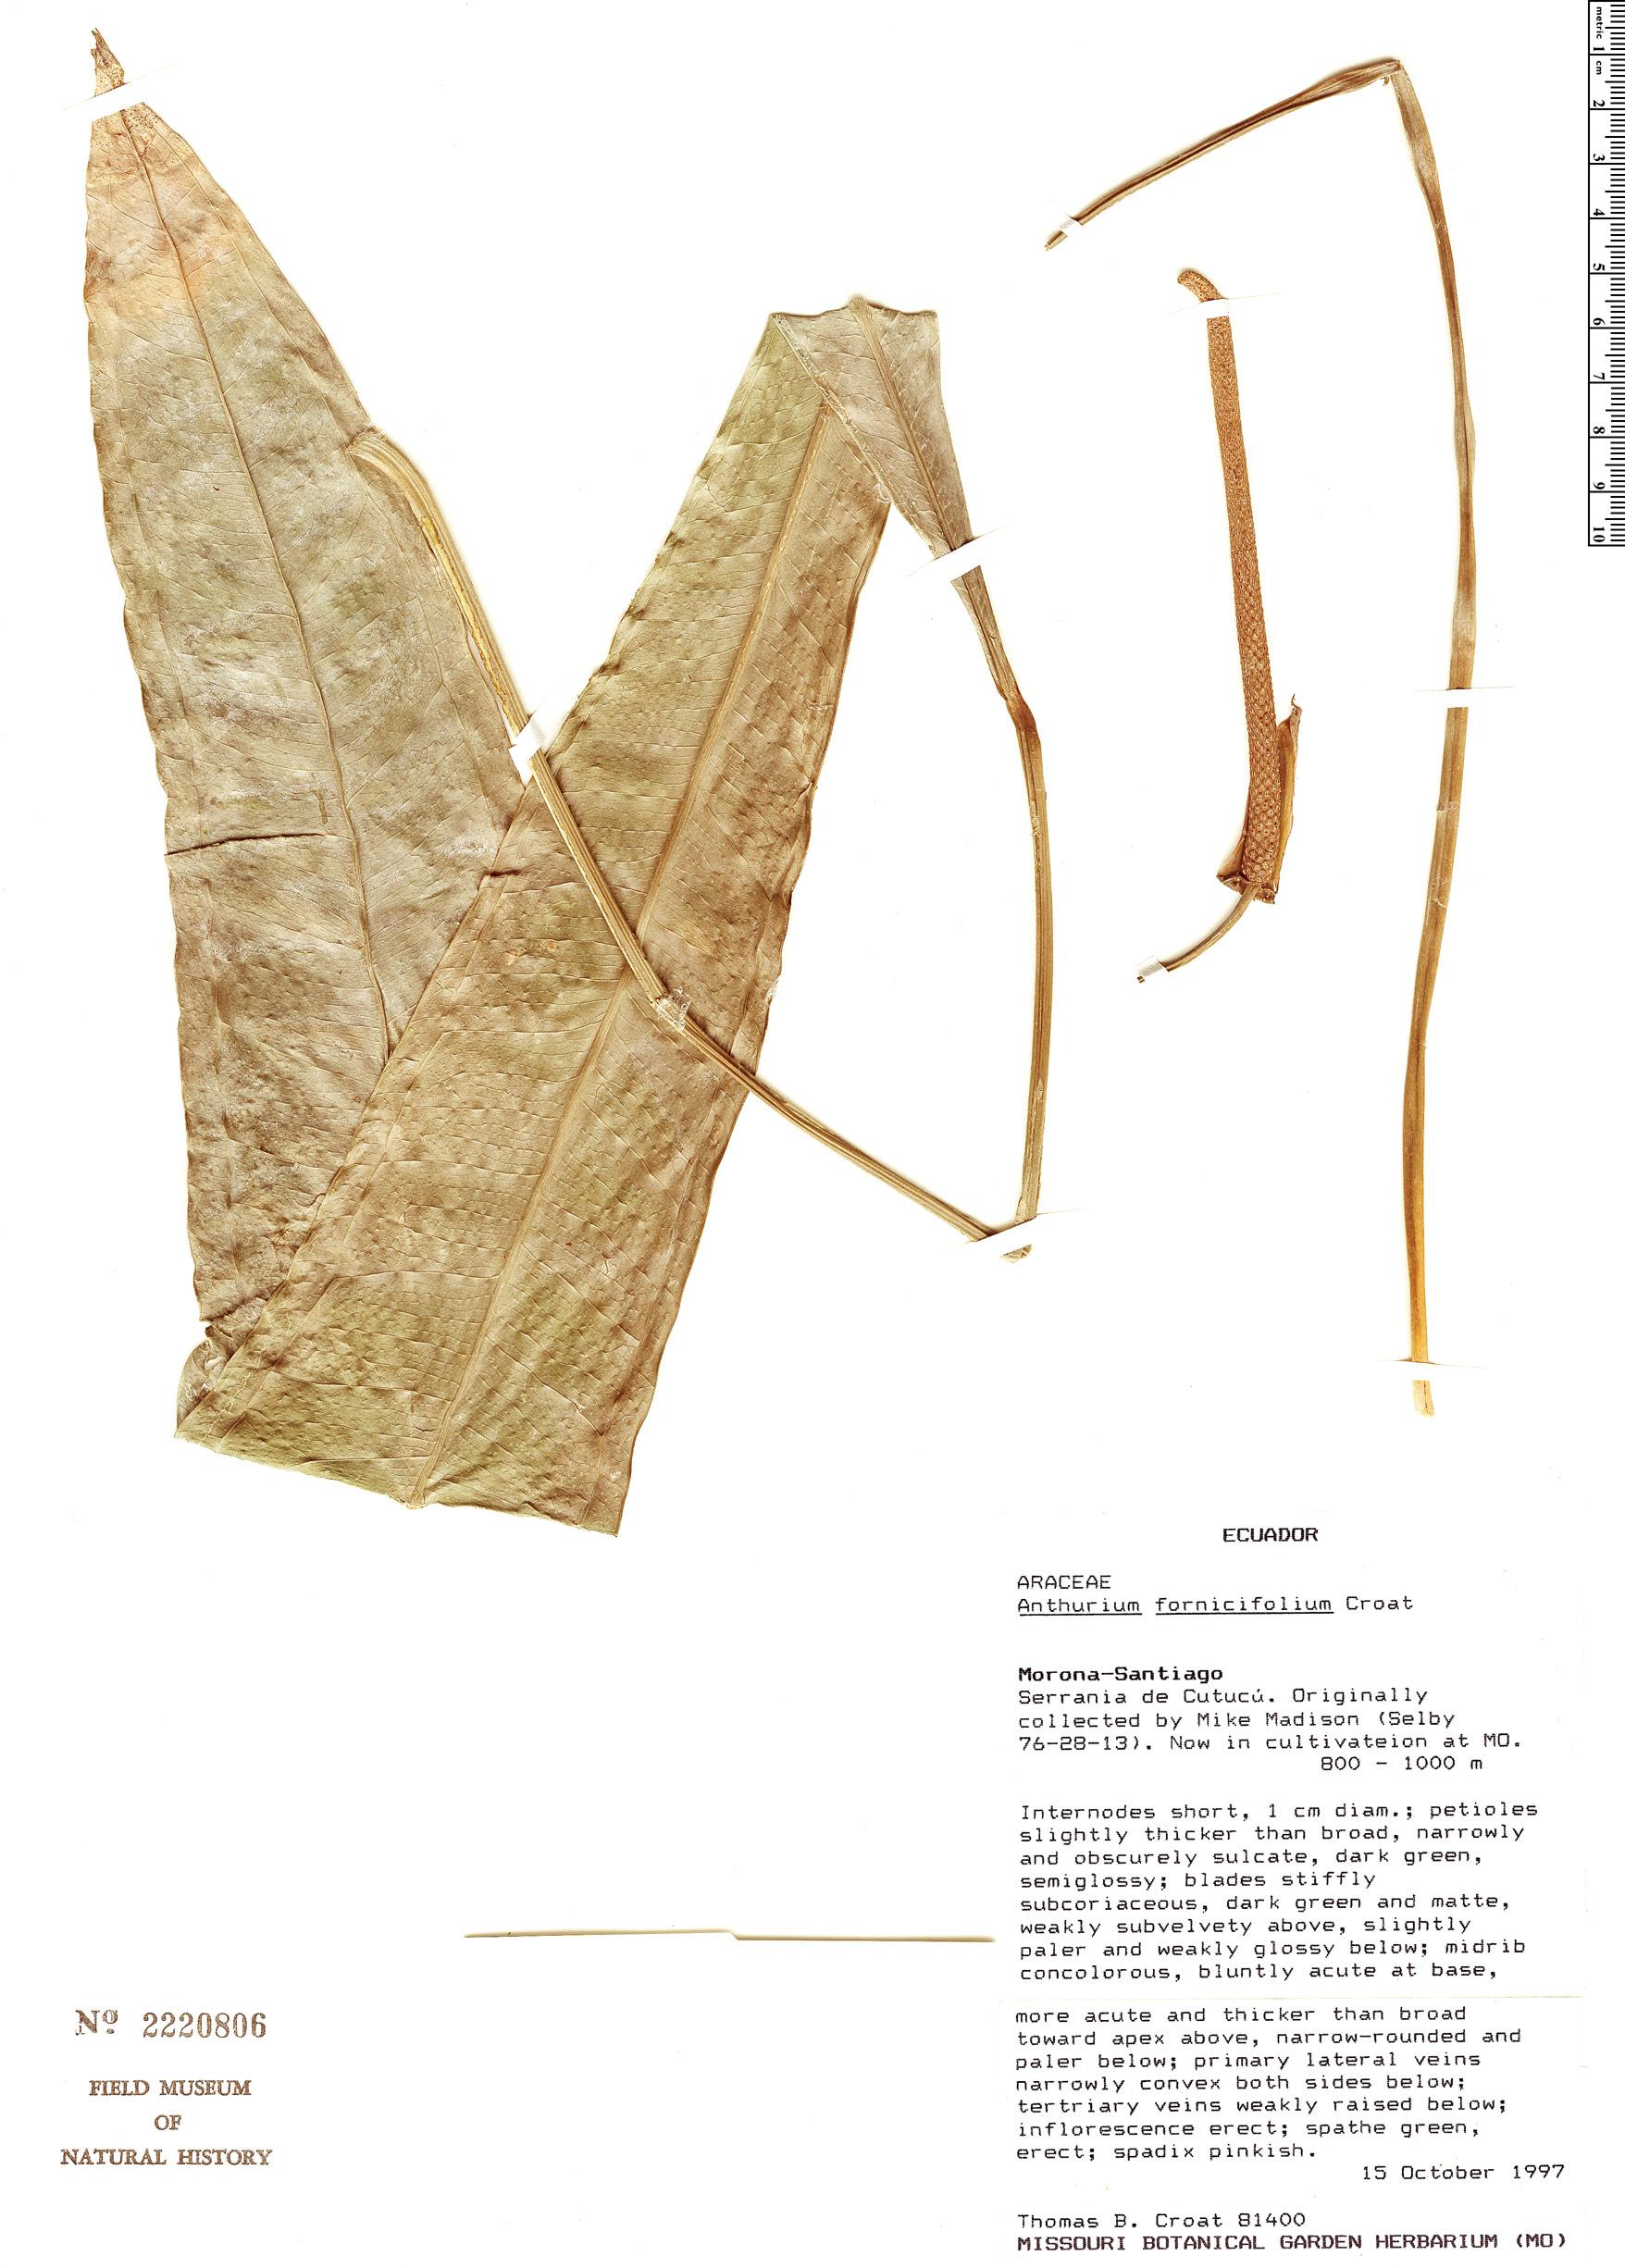 Specimen: Anthurium fornicifolium